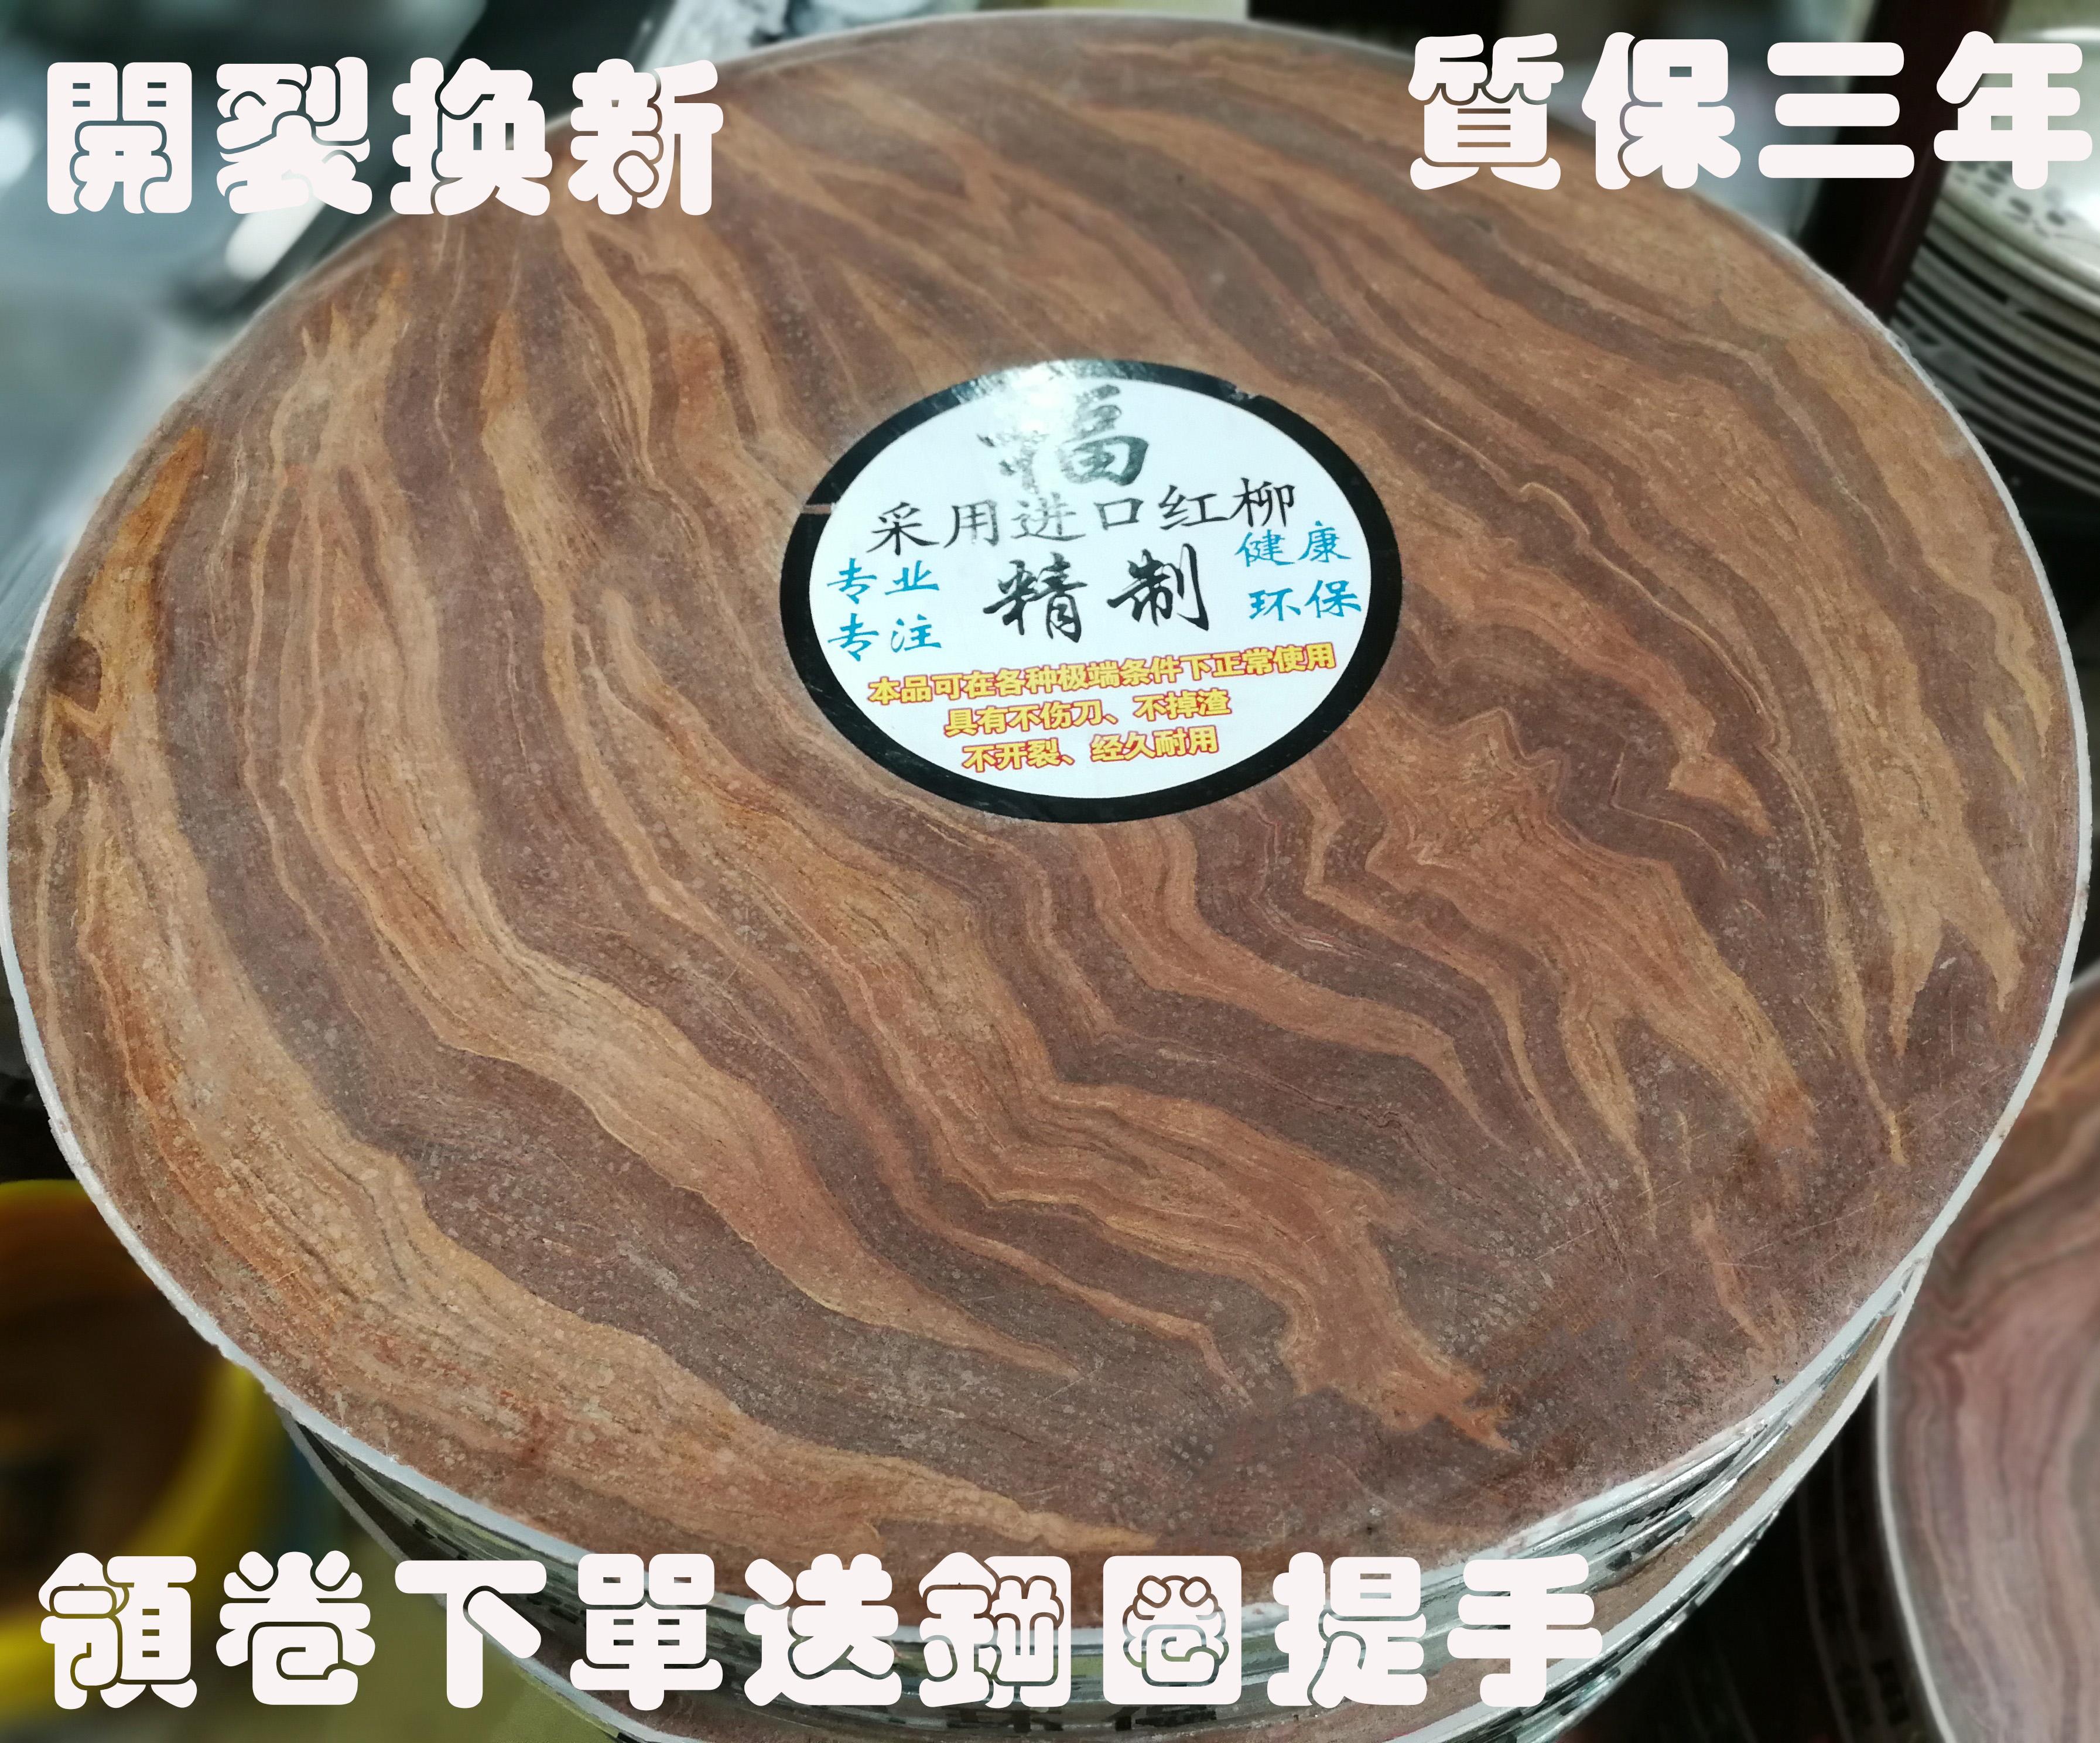 开裂换新 进口红毛柳  菜墩 肉墩 家用 干木料 剁肉砧板 菜板案板